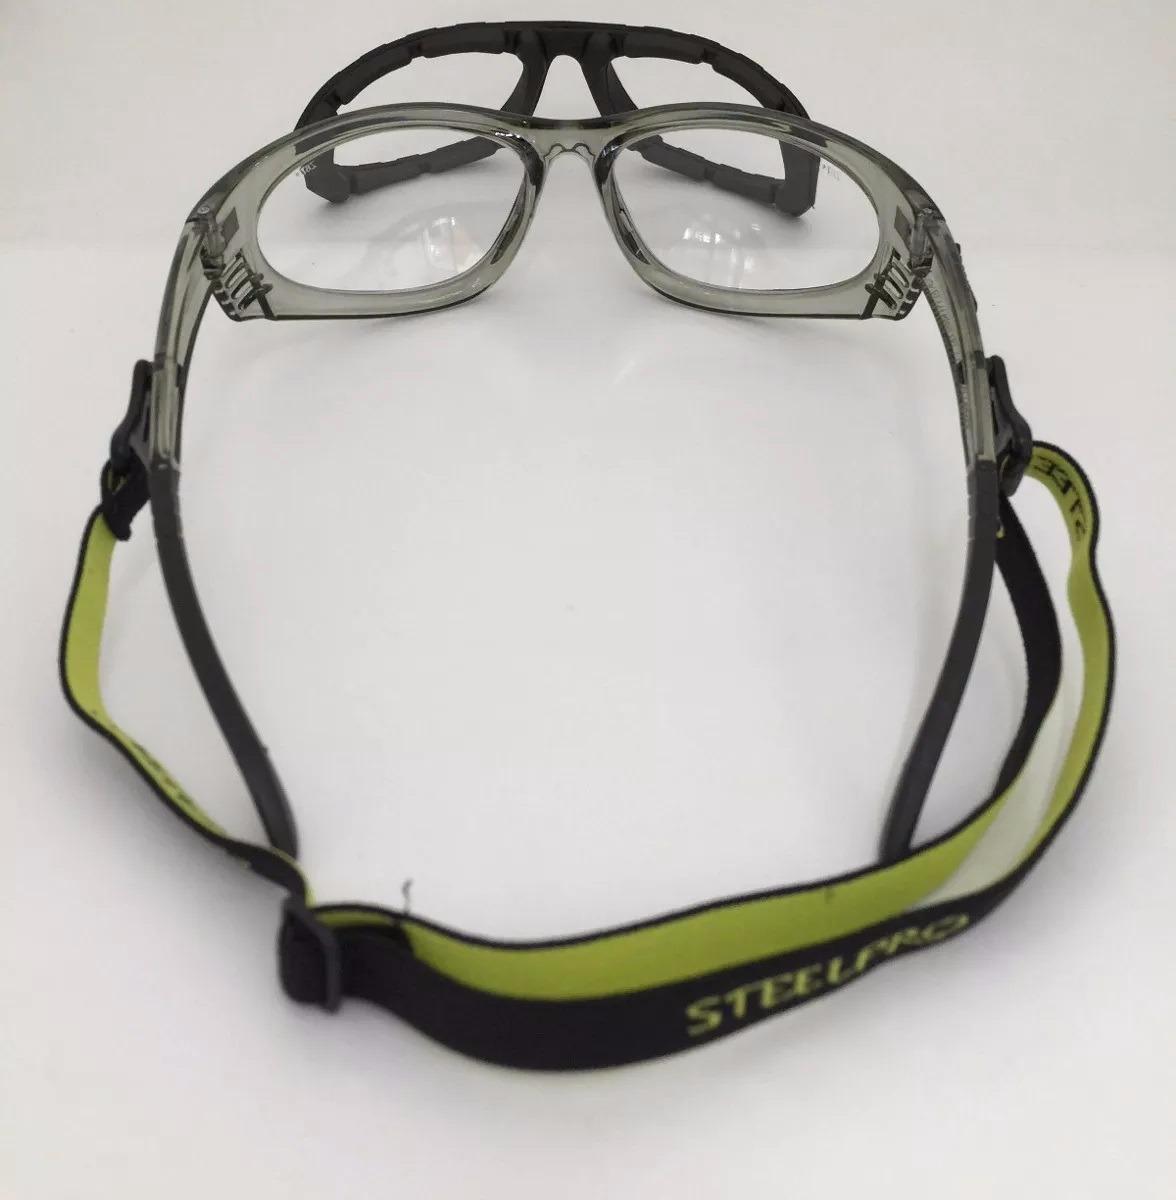 0066674f2e2d7 óculos de segurança vicsa turbine - lente incolor  promoção. Carregando  zoom.